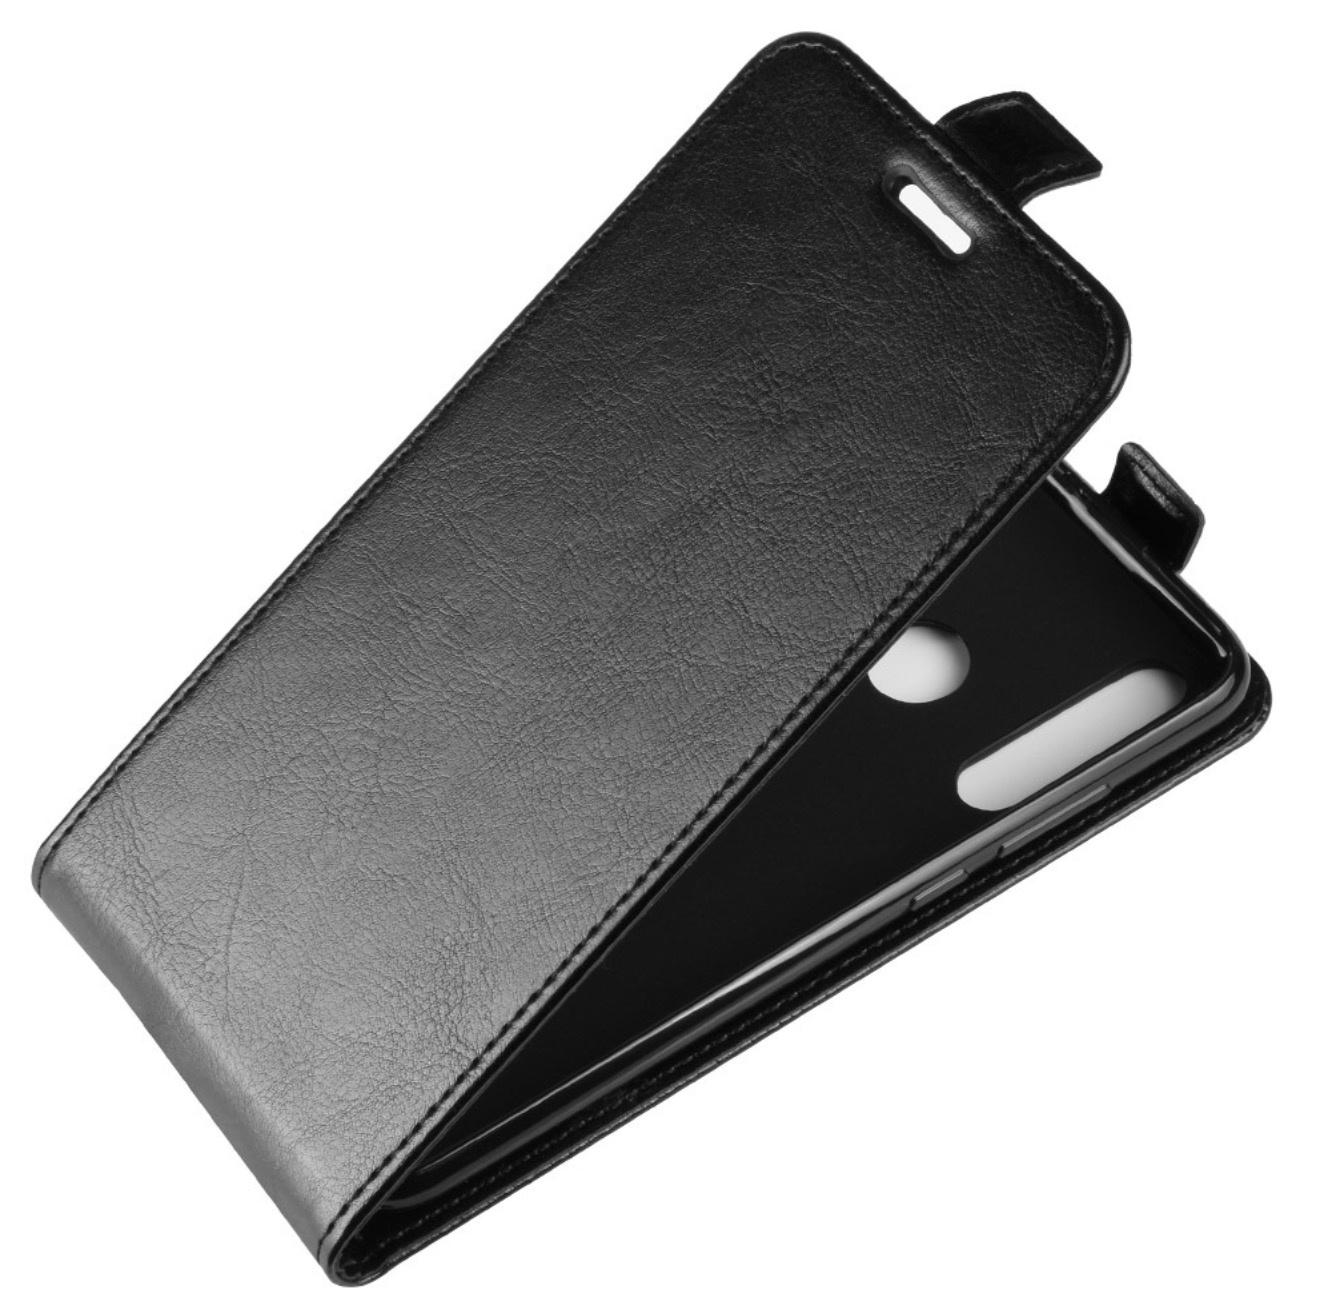 Чехол-флип MyPads для ZTE Nubia Z9 Mini вертикальный откидной черный цена и фото